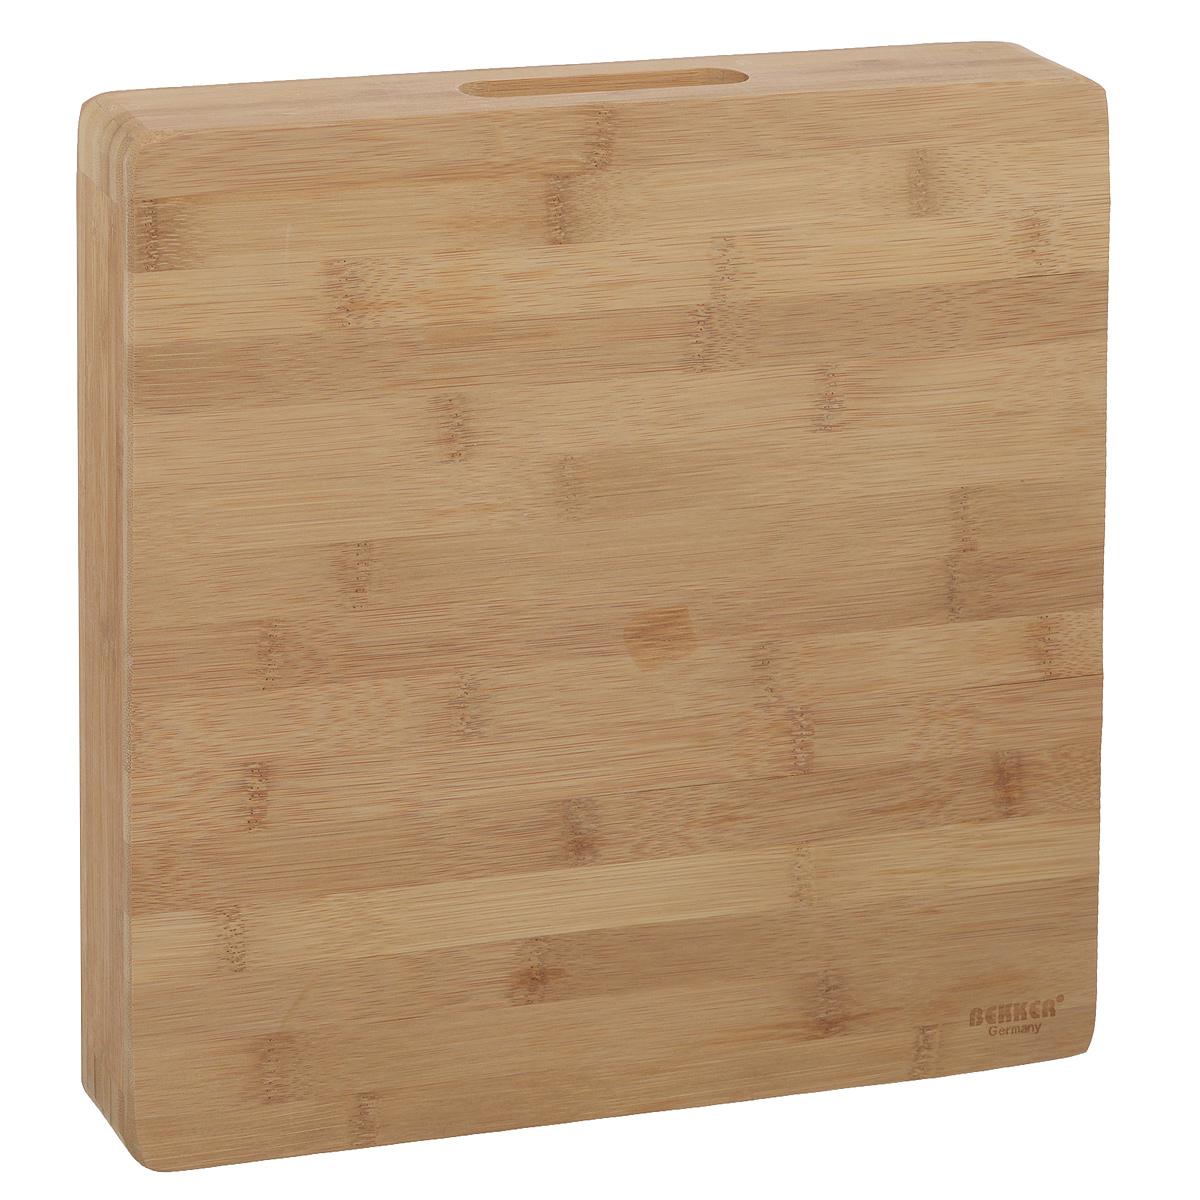 Доска разделочная Bekker, бамбуковая, 30 см х 30 см. BK-9722115510Квадратная разделочная доска Bekker изготовлена из высококачественной древесины бамбука, обладающей антибактериальными свойствами. Бамбук - инновационный материал, идеально подходящий для разделочных досок. Доски из бамбука обладают высокой плотностью структуры древесины, а также устойчивы к механическим воздействиям. Доска оснащена углублениями сбоку. Функциональная и простая в использовании, разделочная доска Bekker прекрасно впишется в интерьер любой кухни и прослужит вам долгие годы.